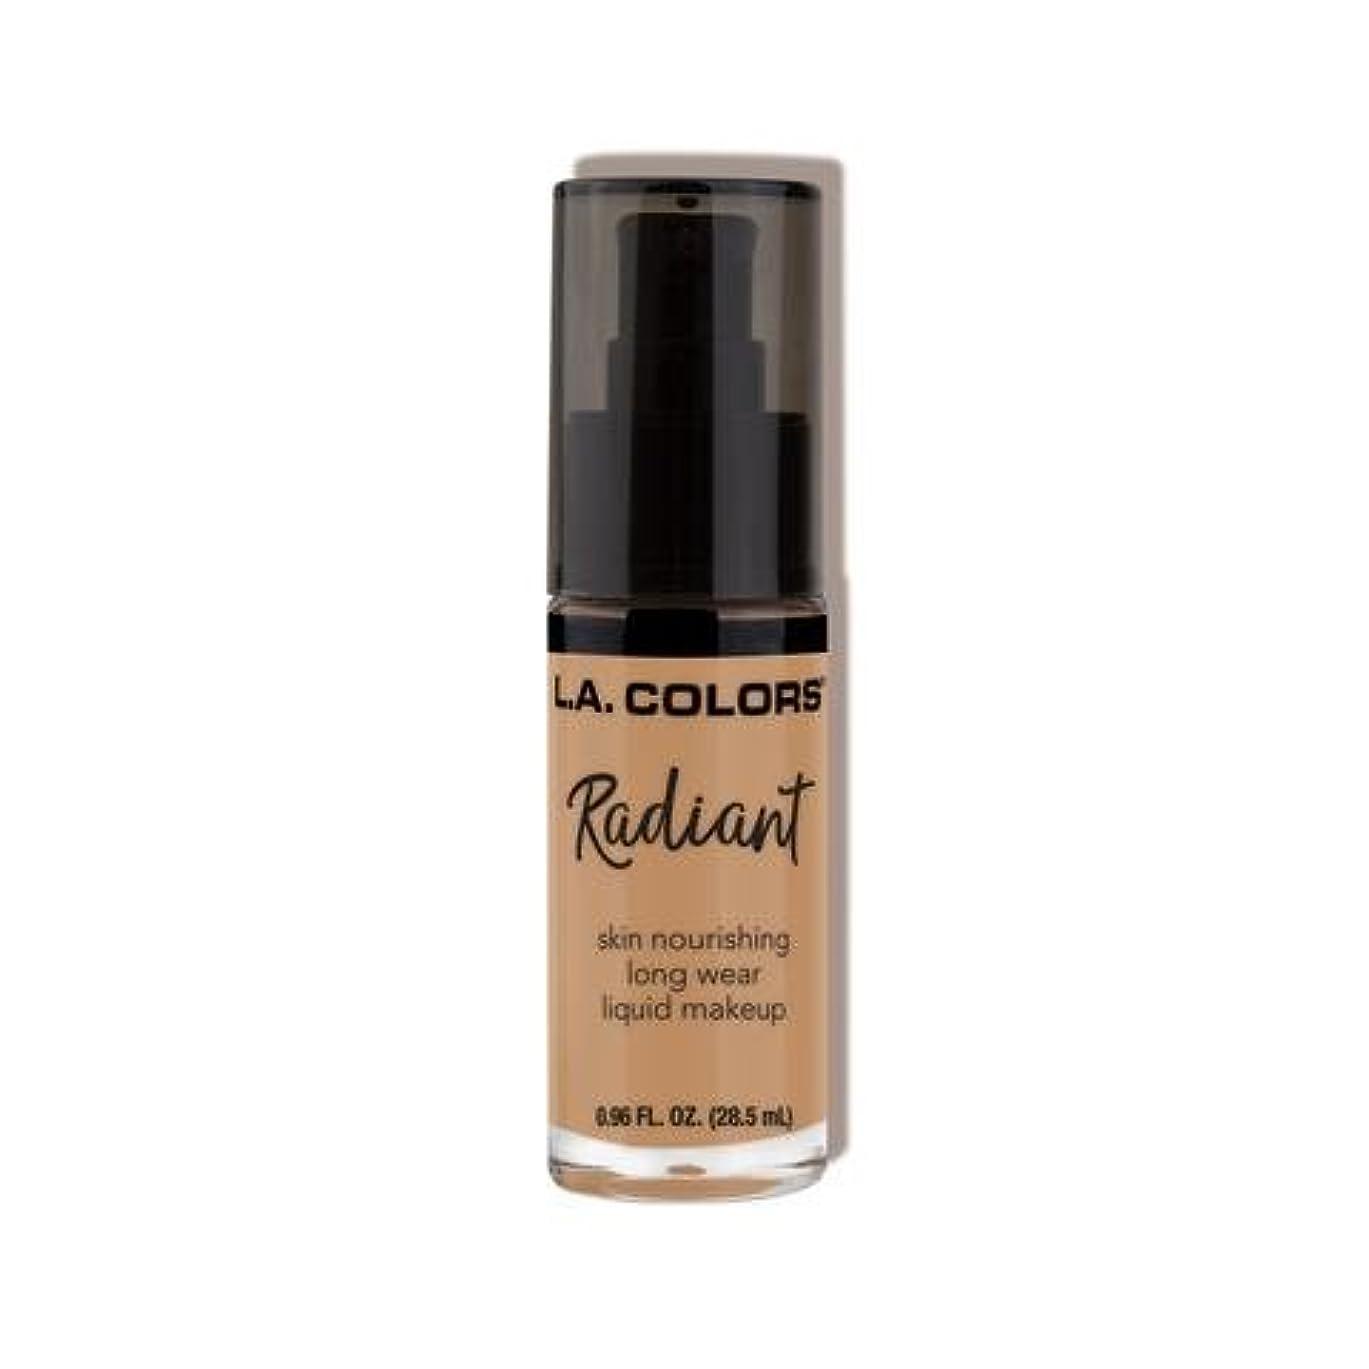 アドバイス責気になる(3 Pack) L.A. COLORS Radiant Liquid Makeup - Light Toffee (並行輸入品)